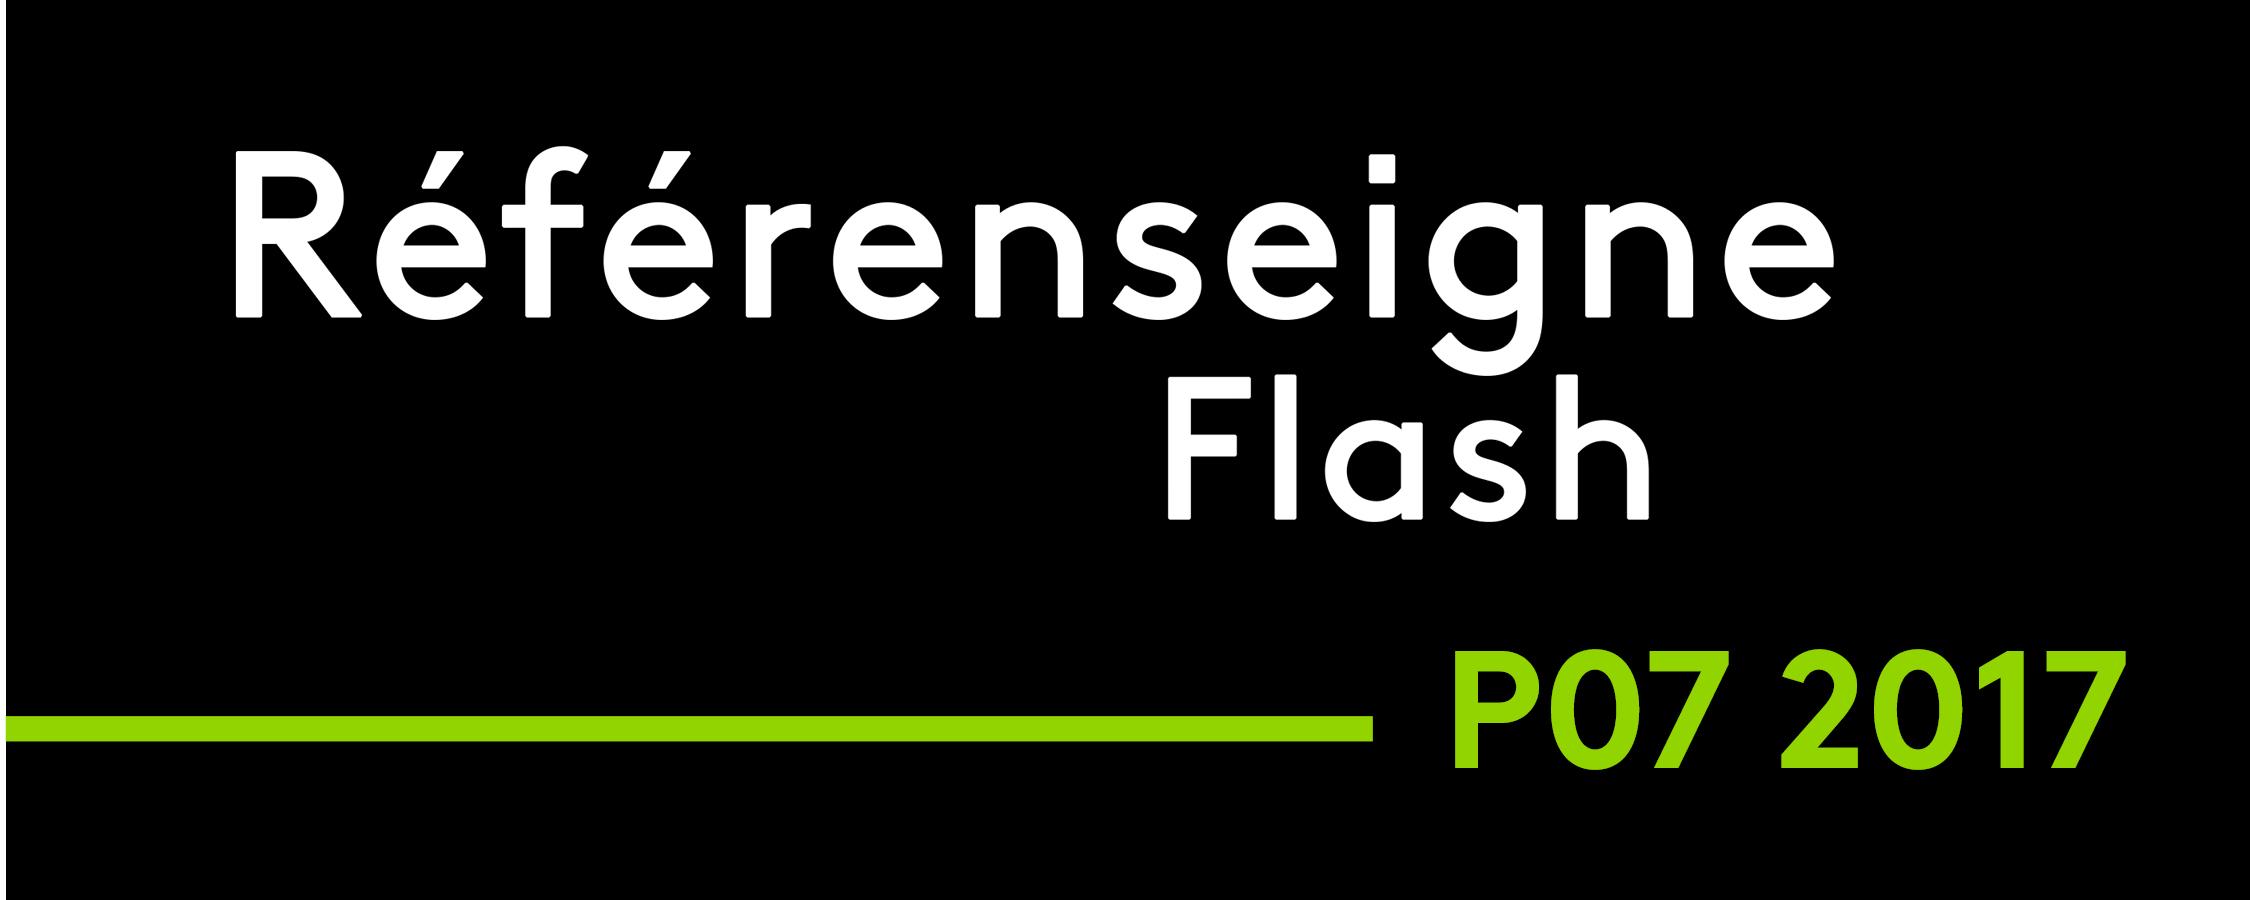 Tendances Consommation et Enseignes P07 2017